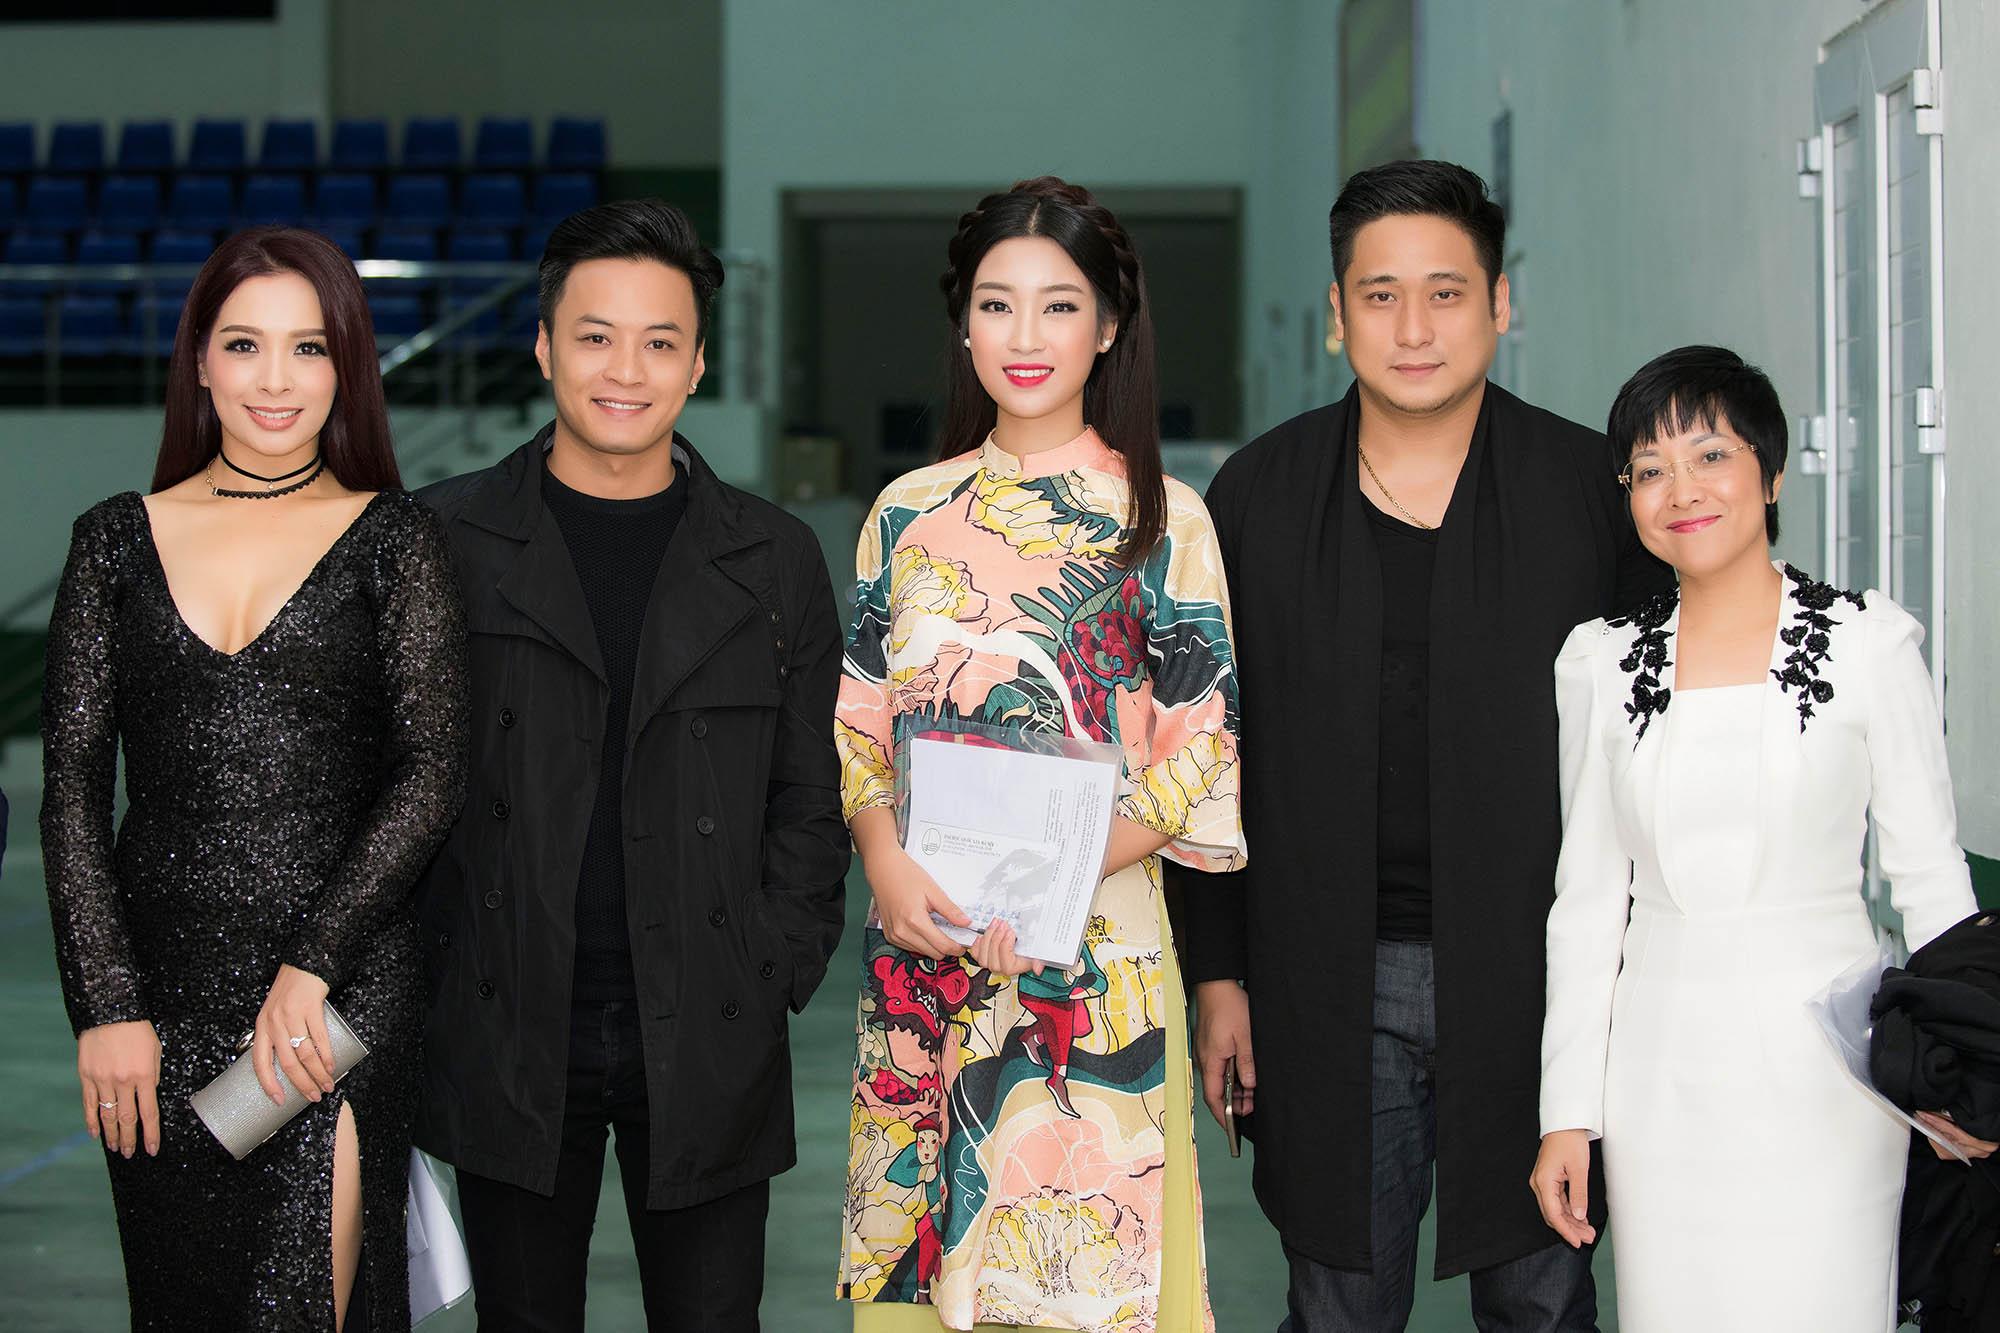 Hoa hậu Mỹ Linh đẹp không tỳ vết khi đi chấm thi nhan sắc 5